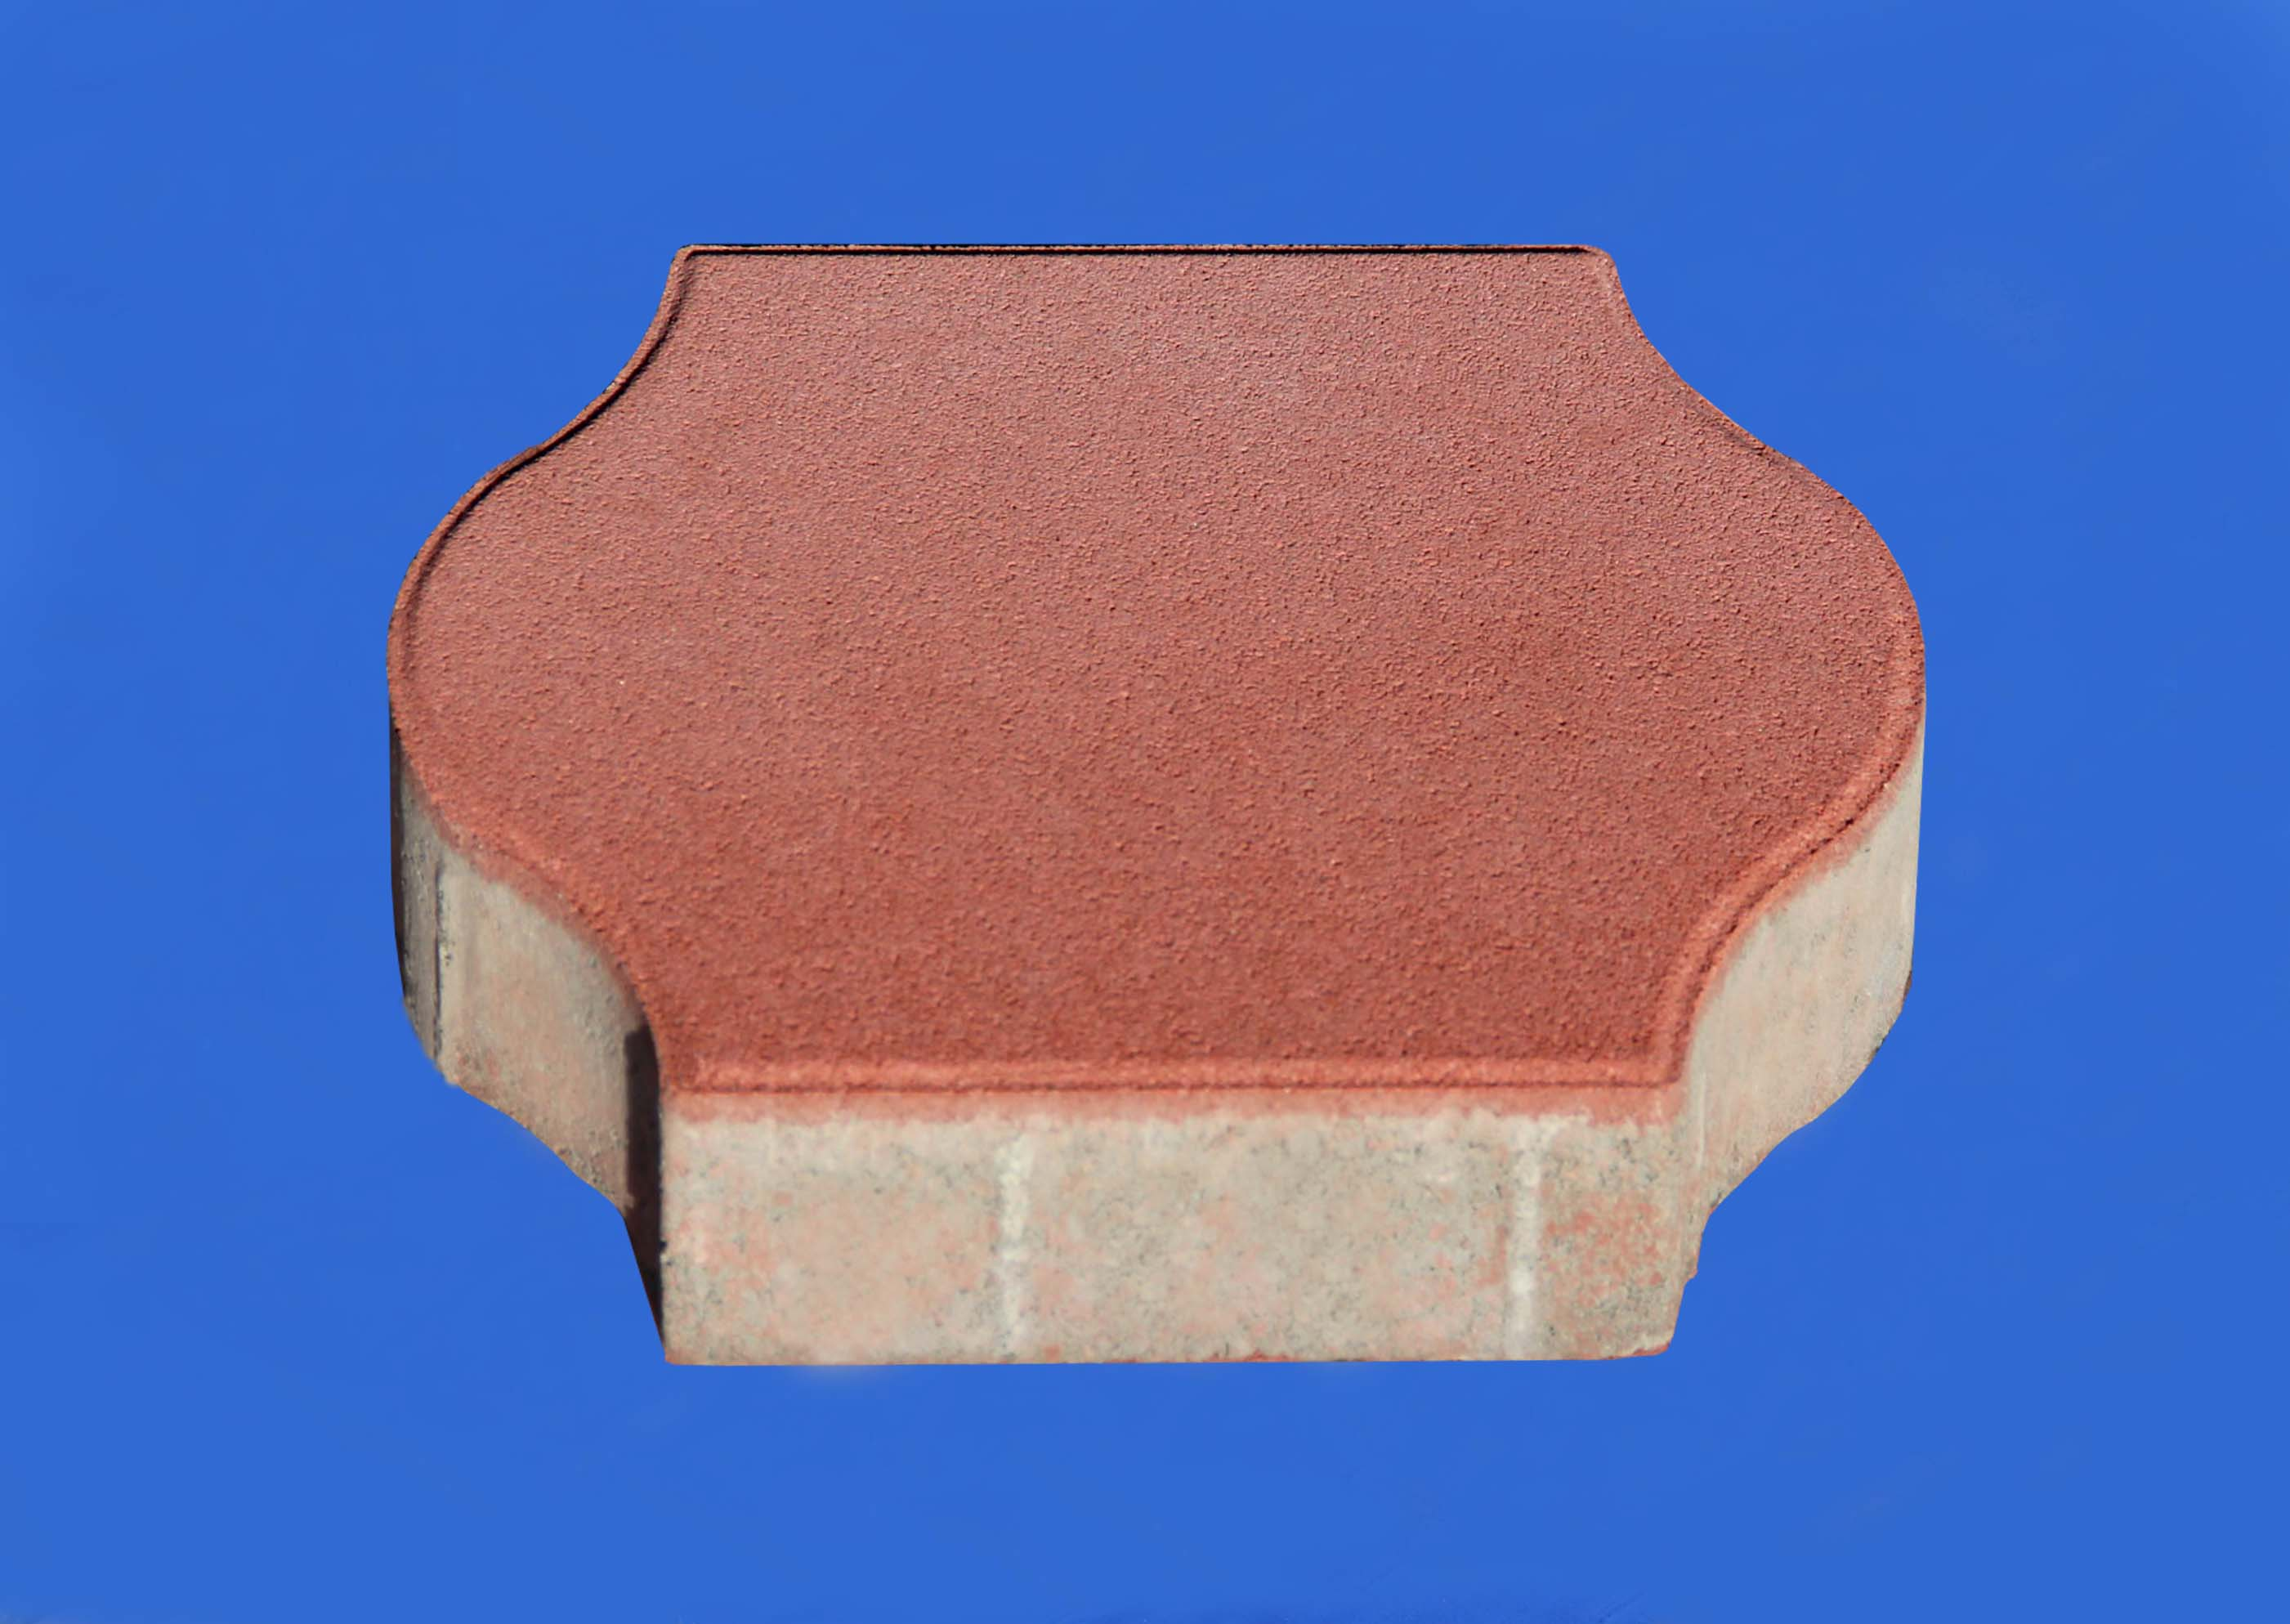 彩色地面砖系列之红色灯笼砖